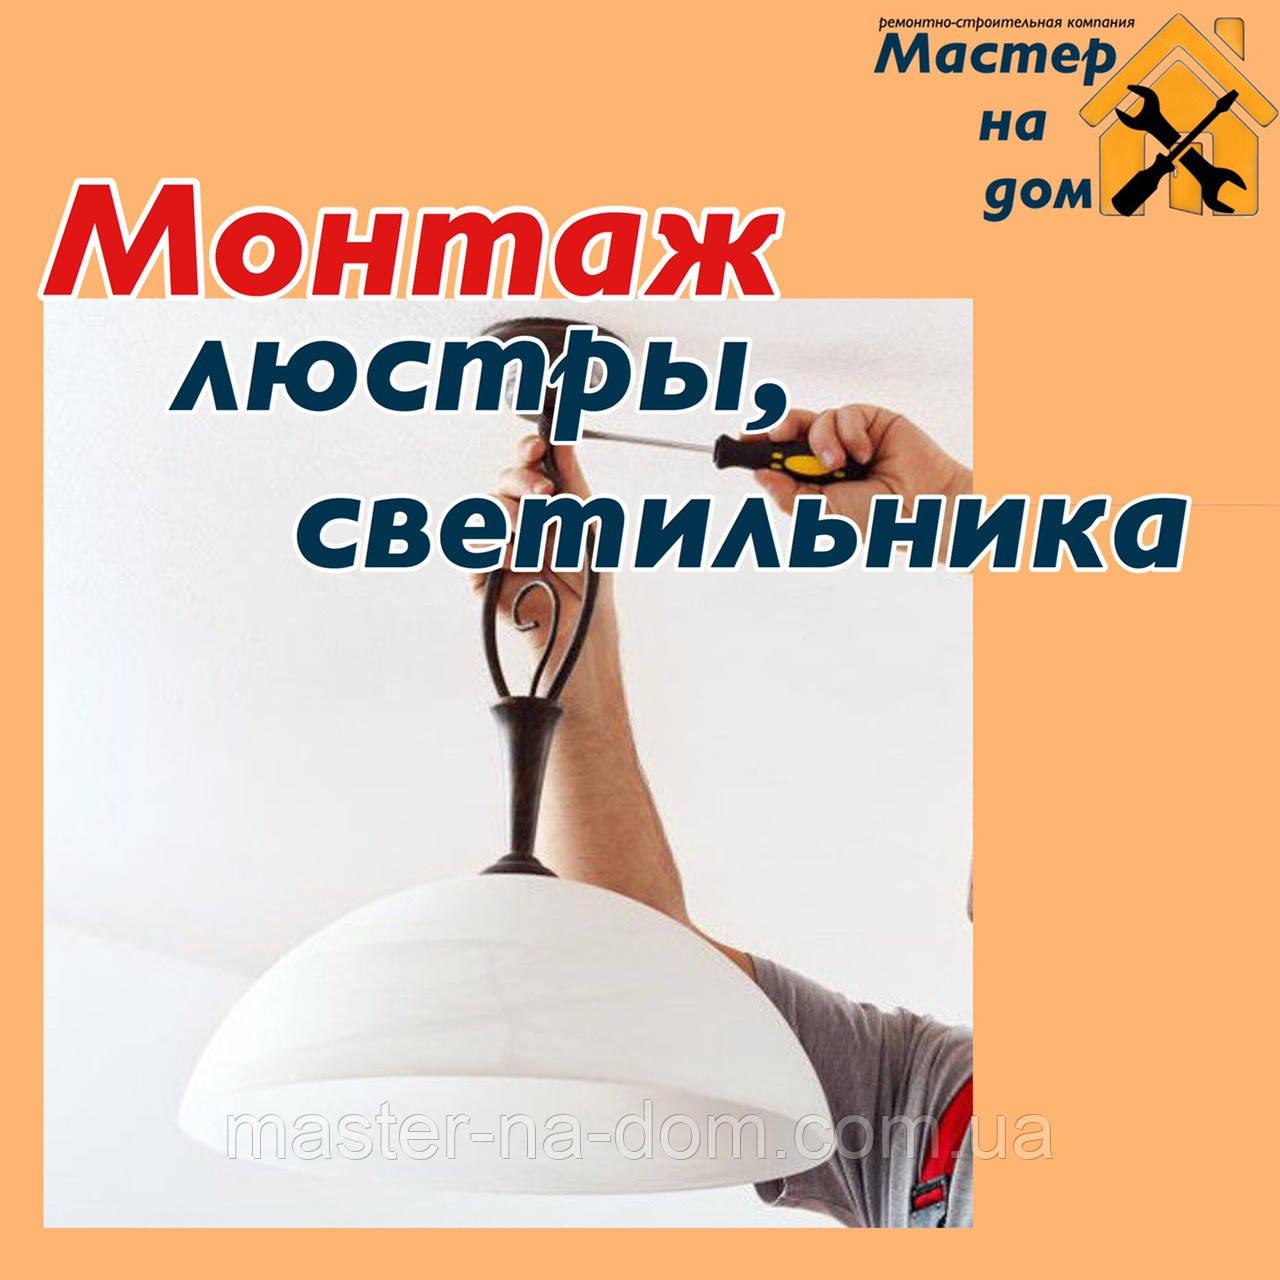 Монтаж люстры, бра, светильника в Николаеве